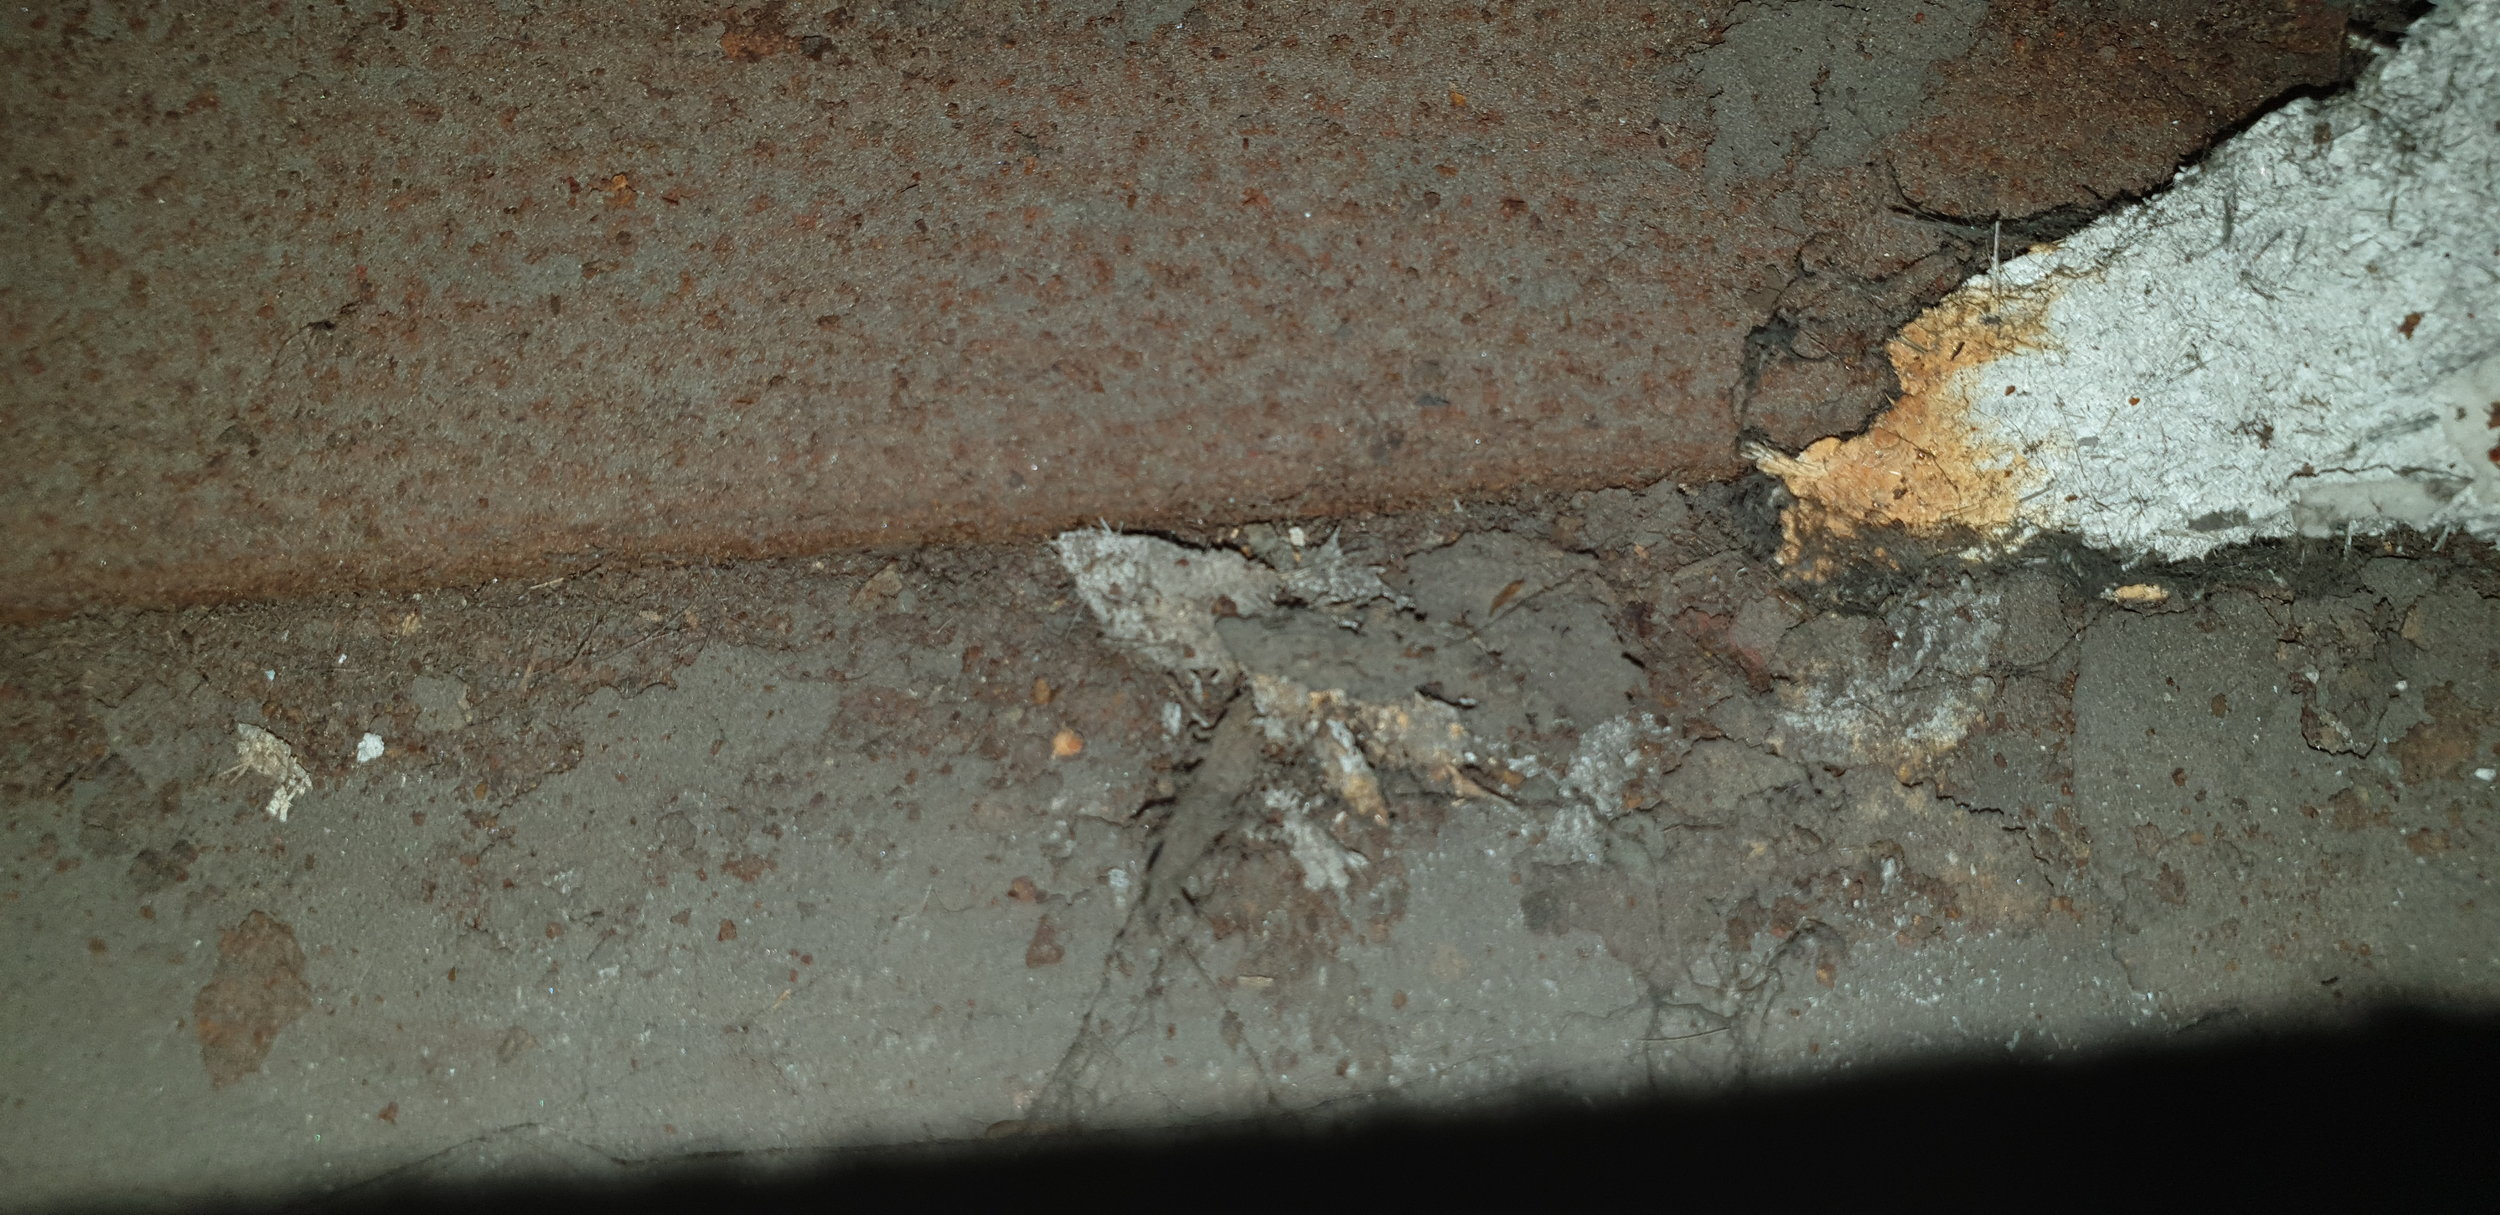 Asbestos Debris